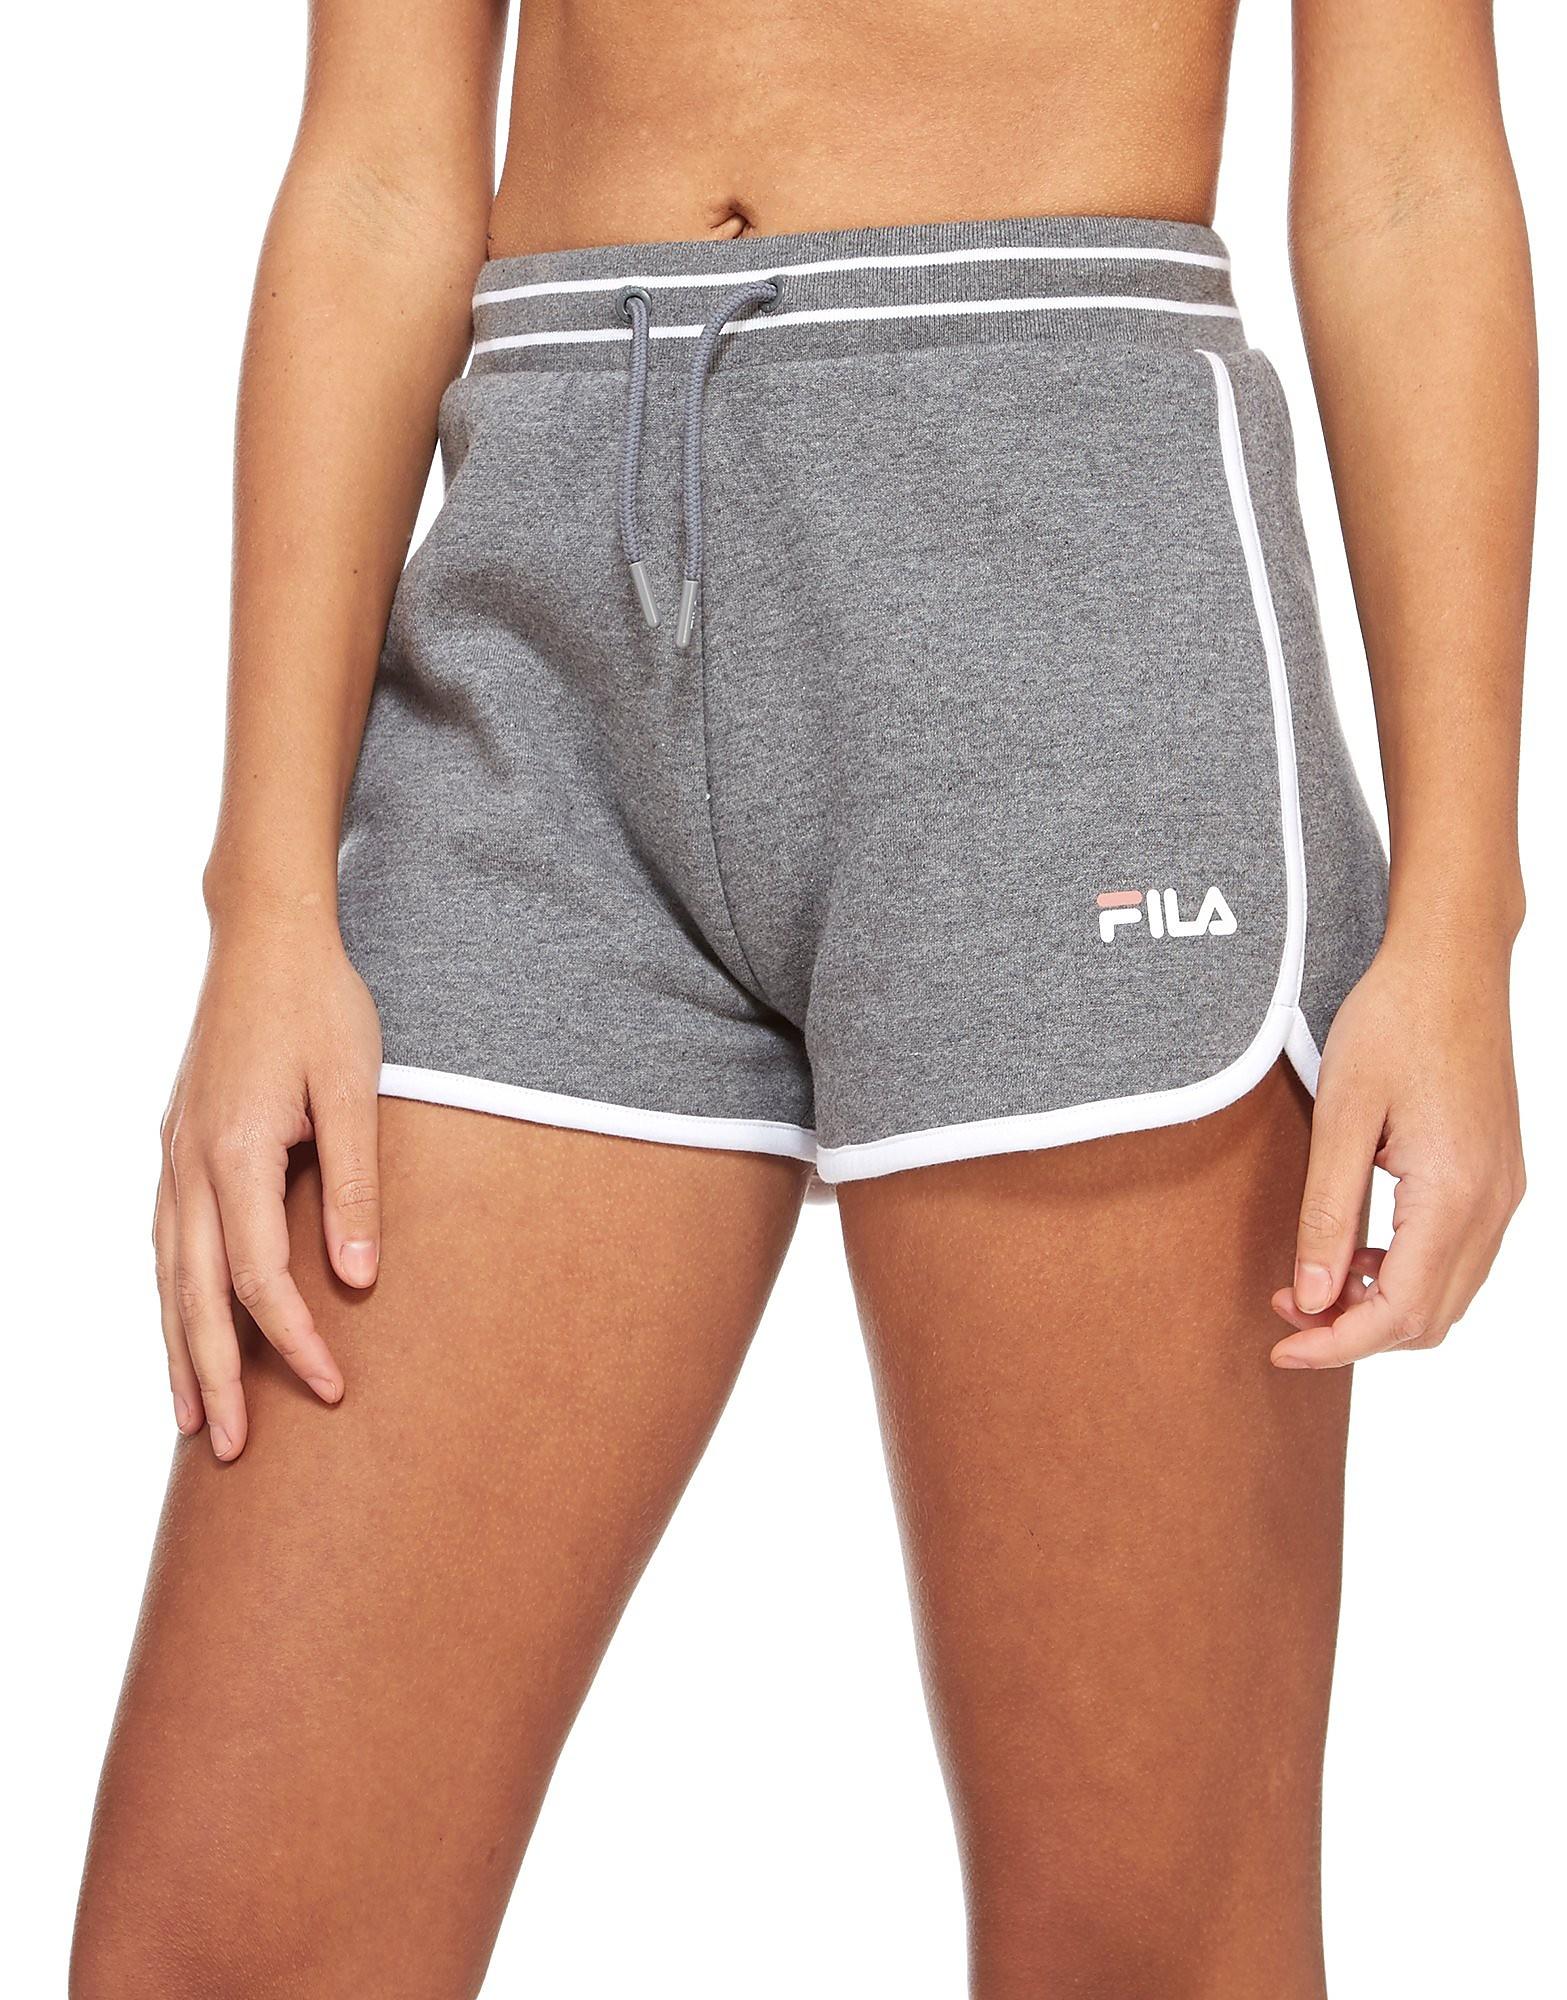 Image of   Fila Prima Rib Shorts - Only at JD